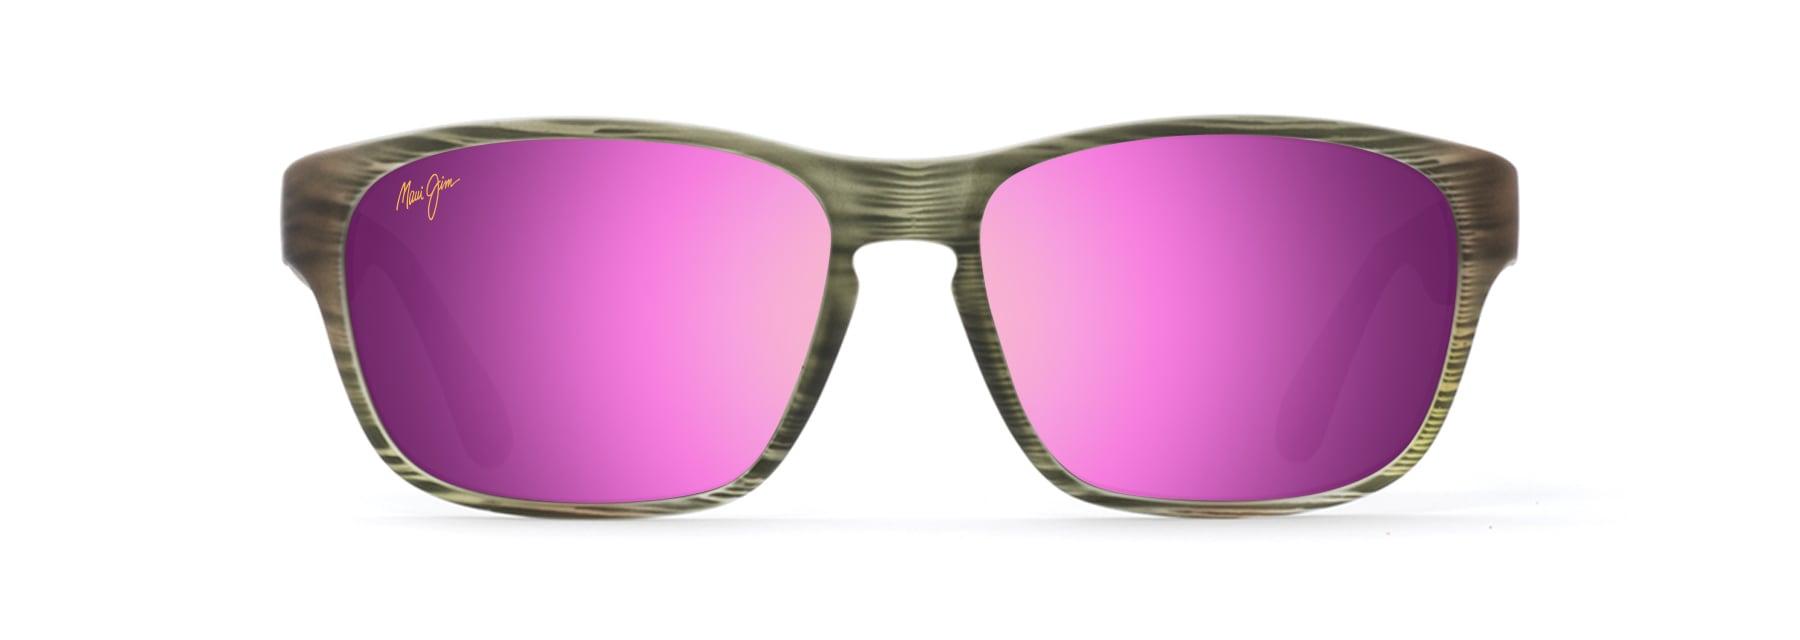 Custom Mixed Plate Polarized Sunglasses  161ca6e9e5d5